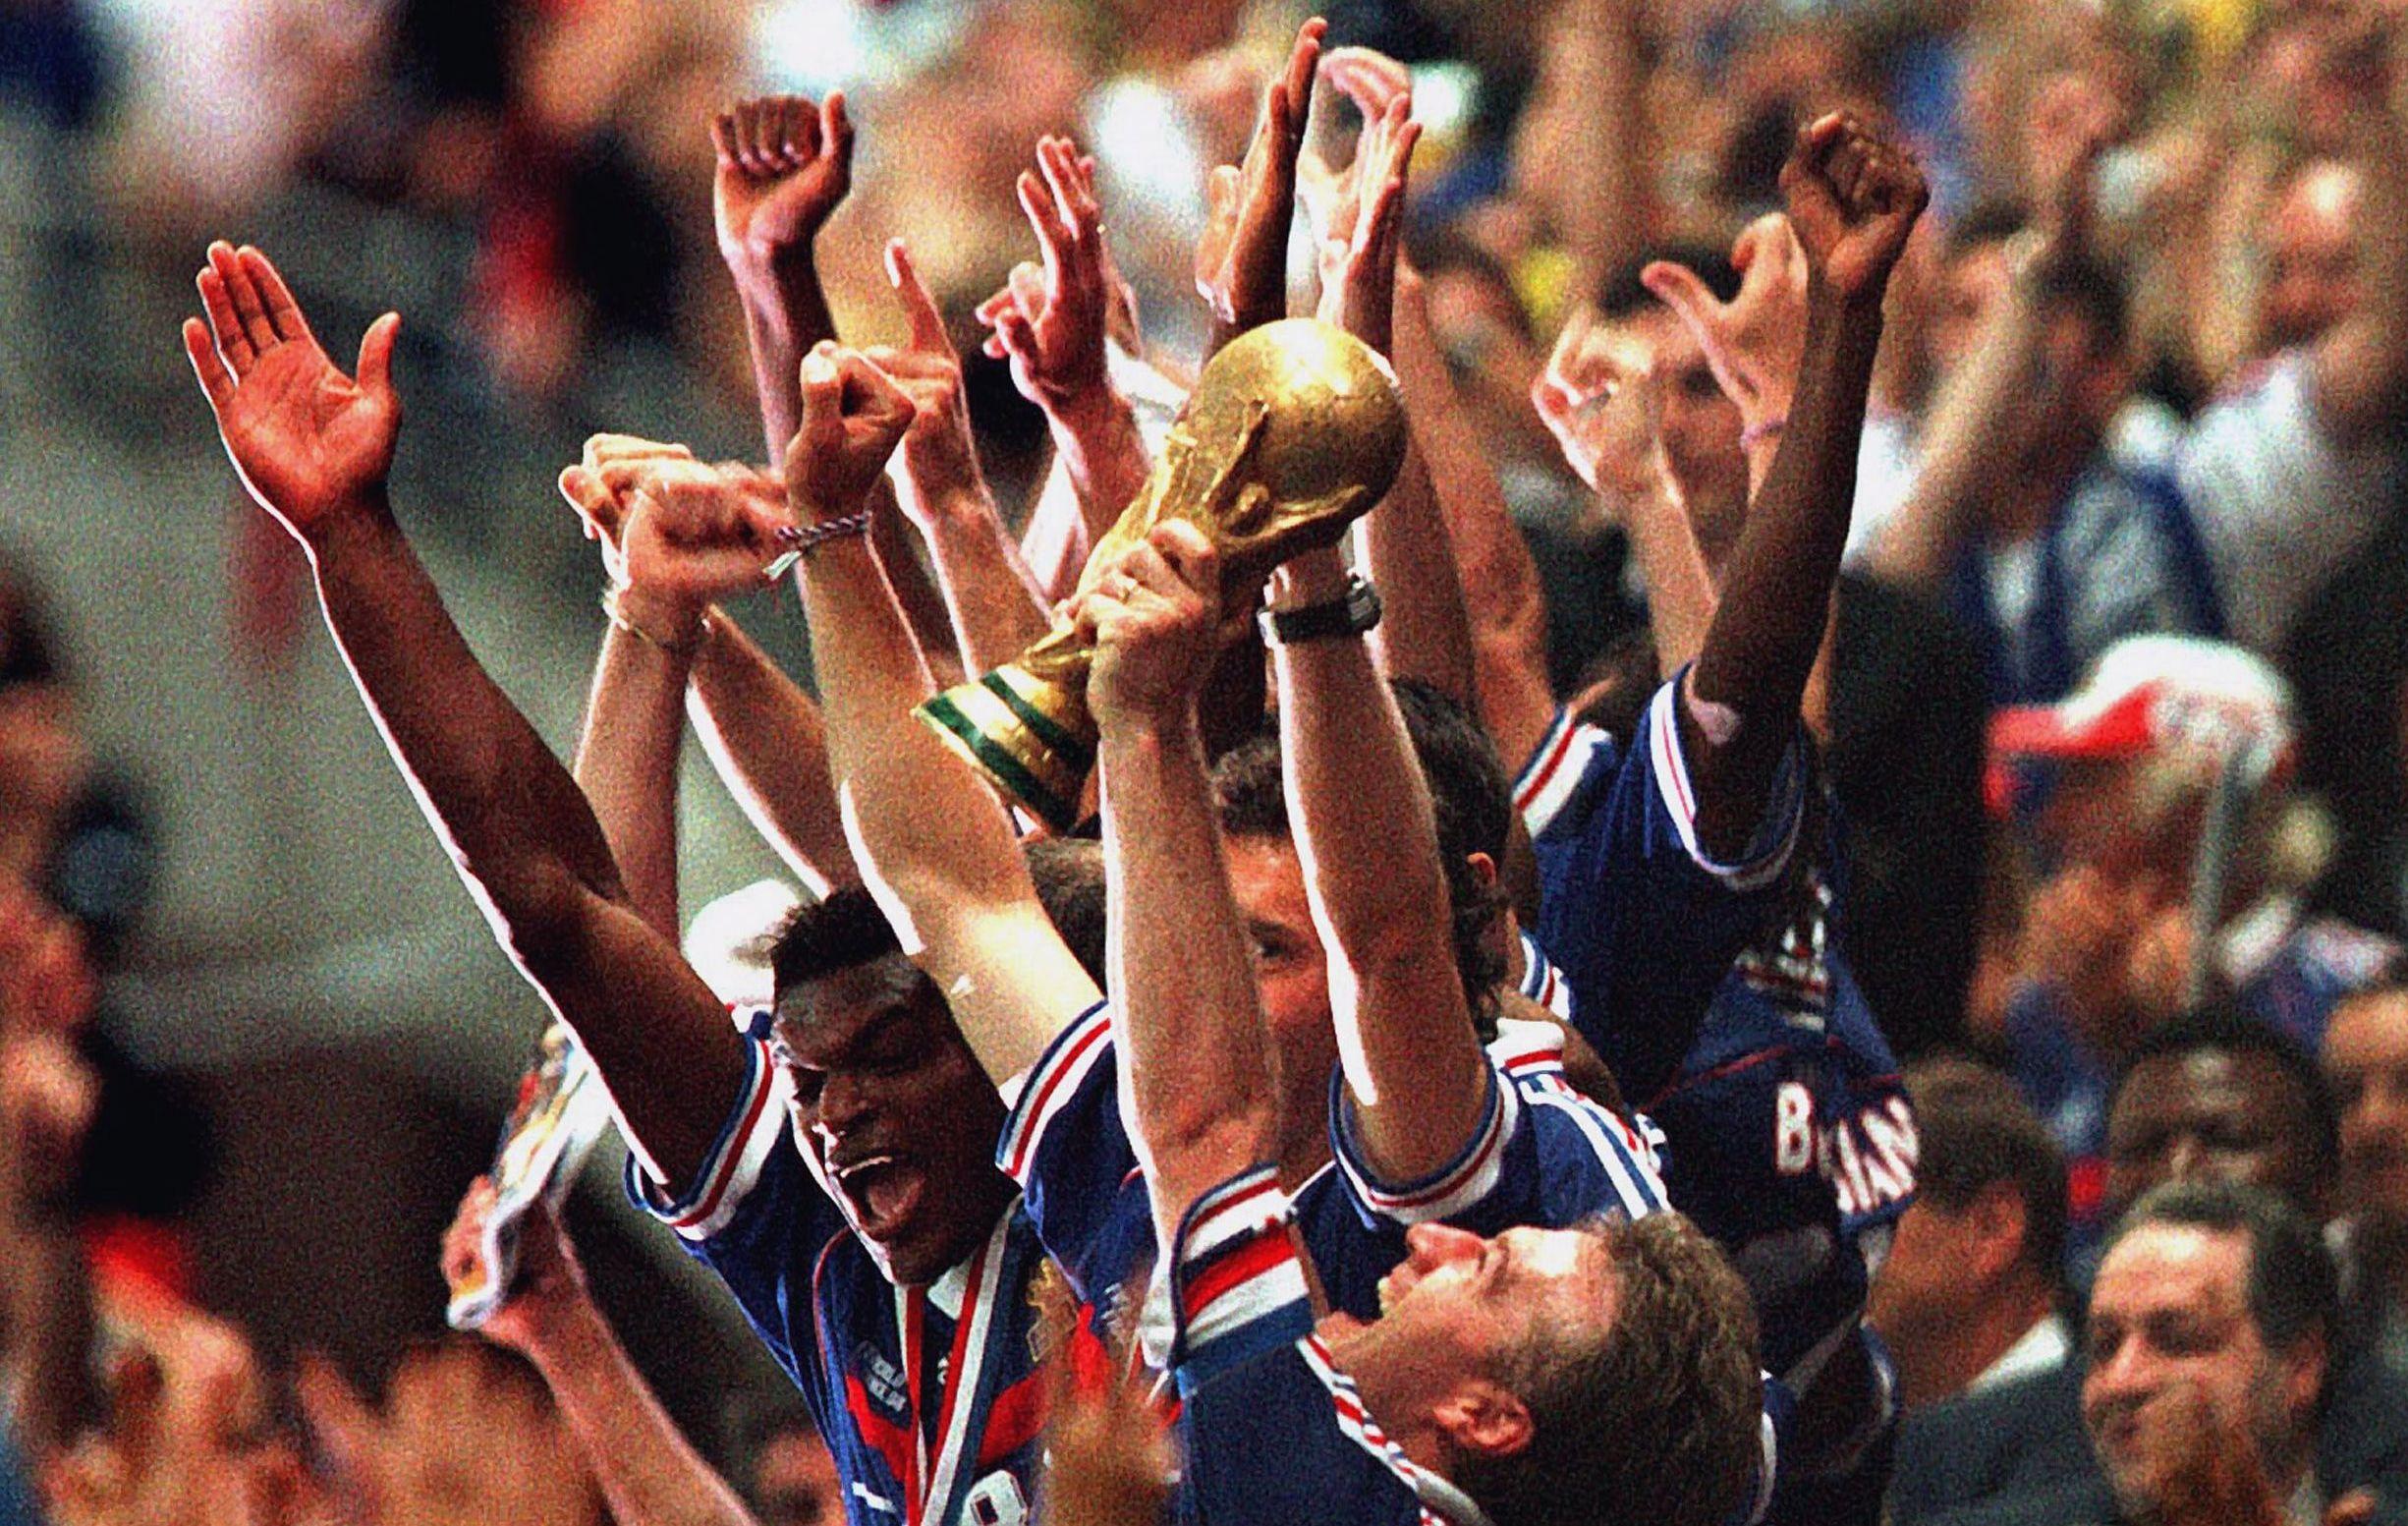 Le parcours des bleus en coupe du monde equipe de france 2014 br sil coupe du monde football - Coupe du monde de basket 2014 ...